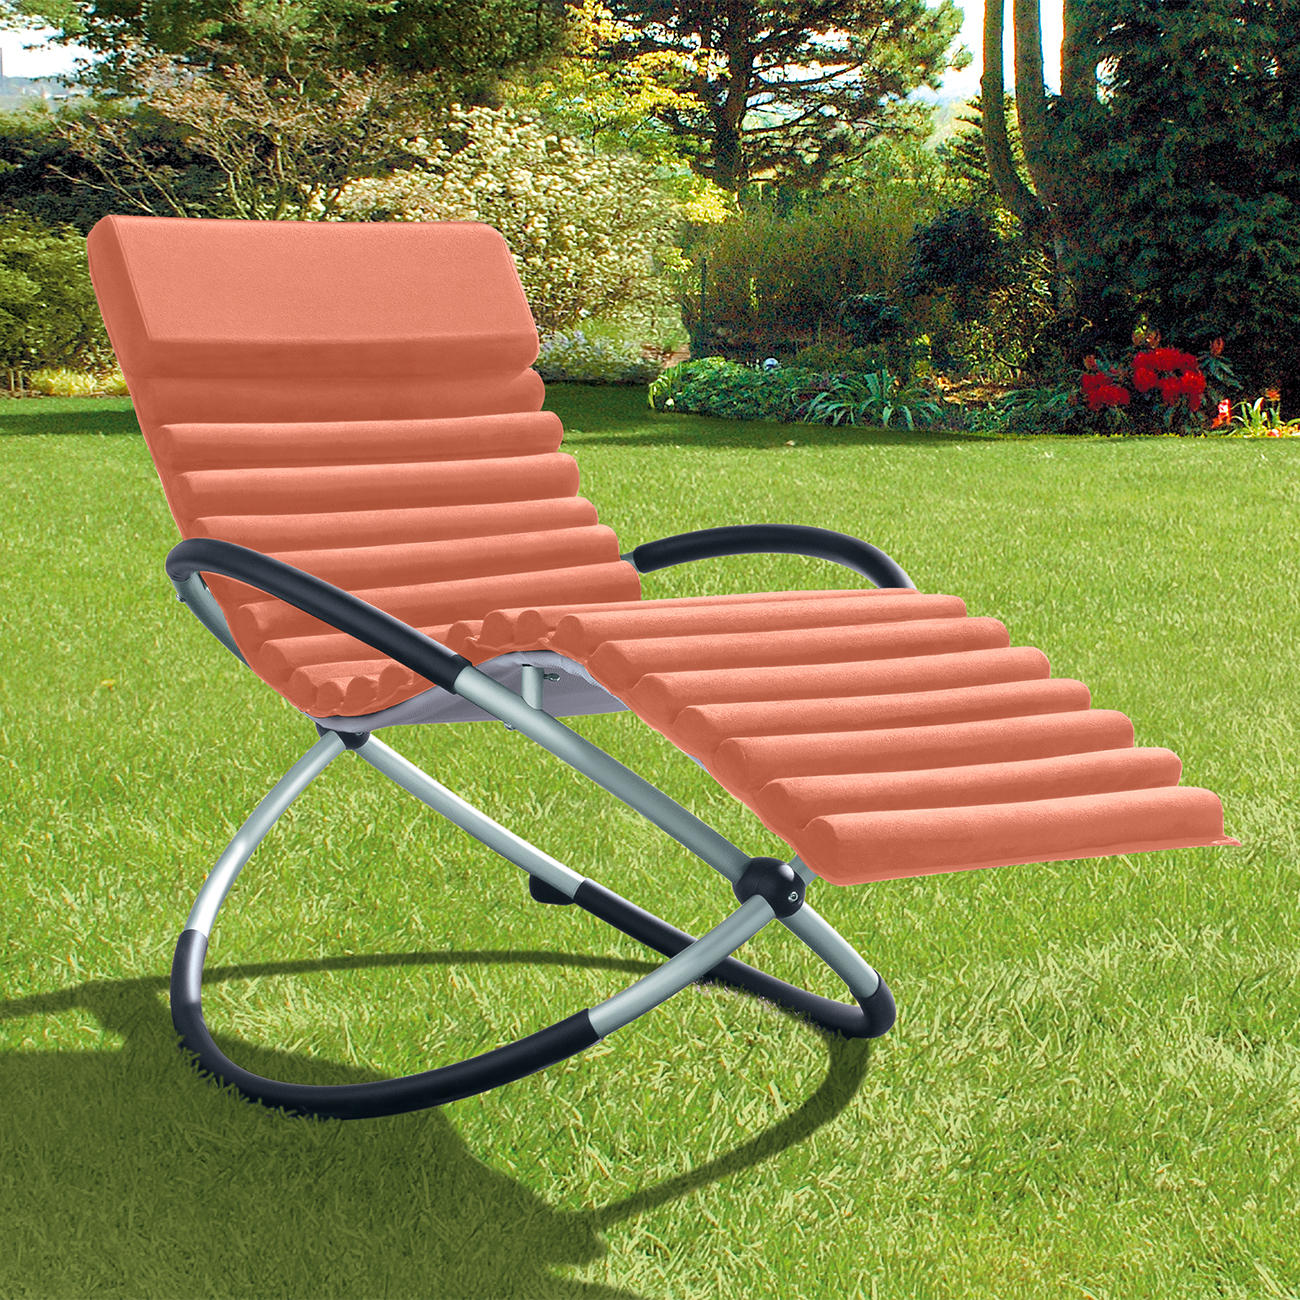 Double rocking chair doppel schaukelstuhl online kaufen for Kunststoff schaukelstuhl